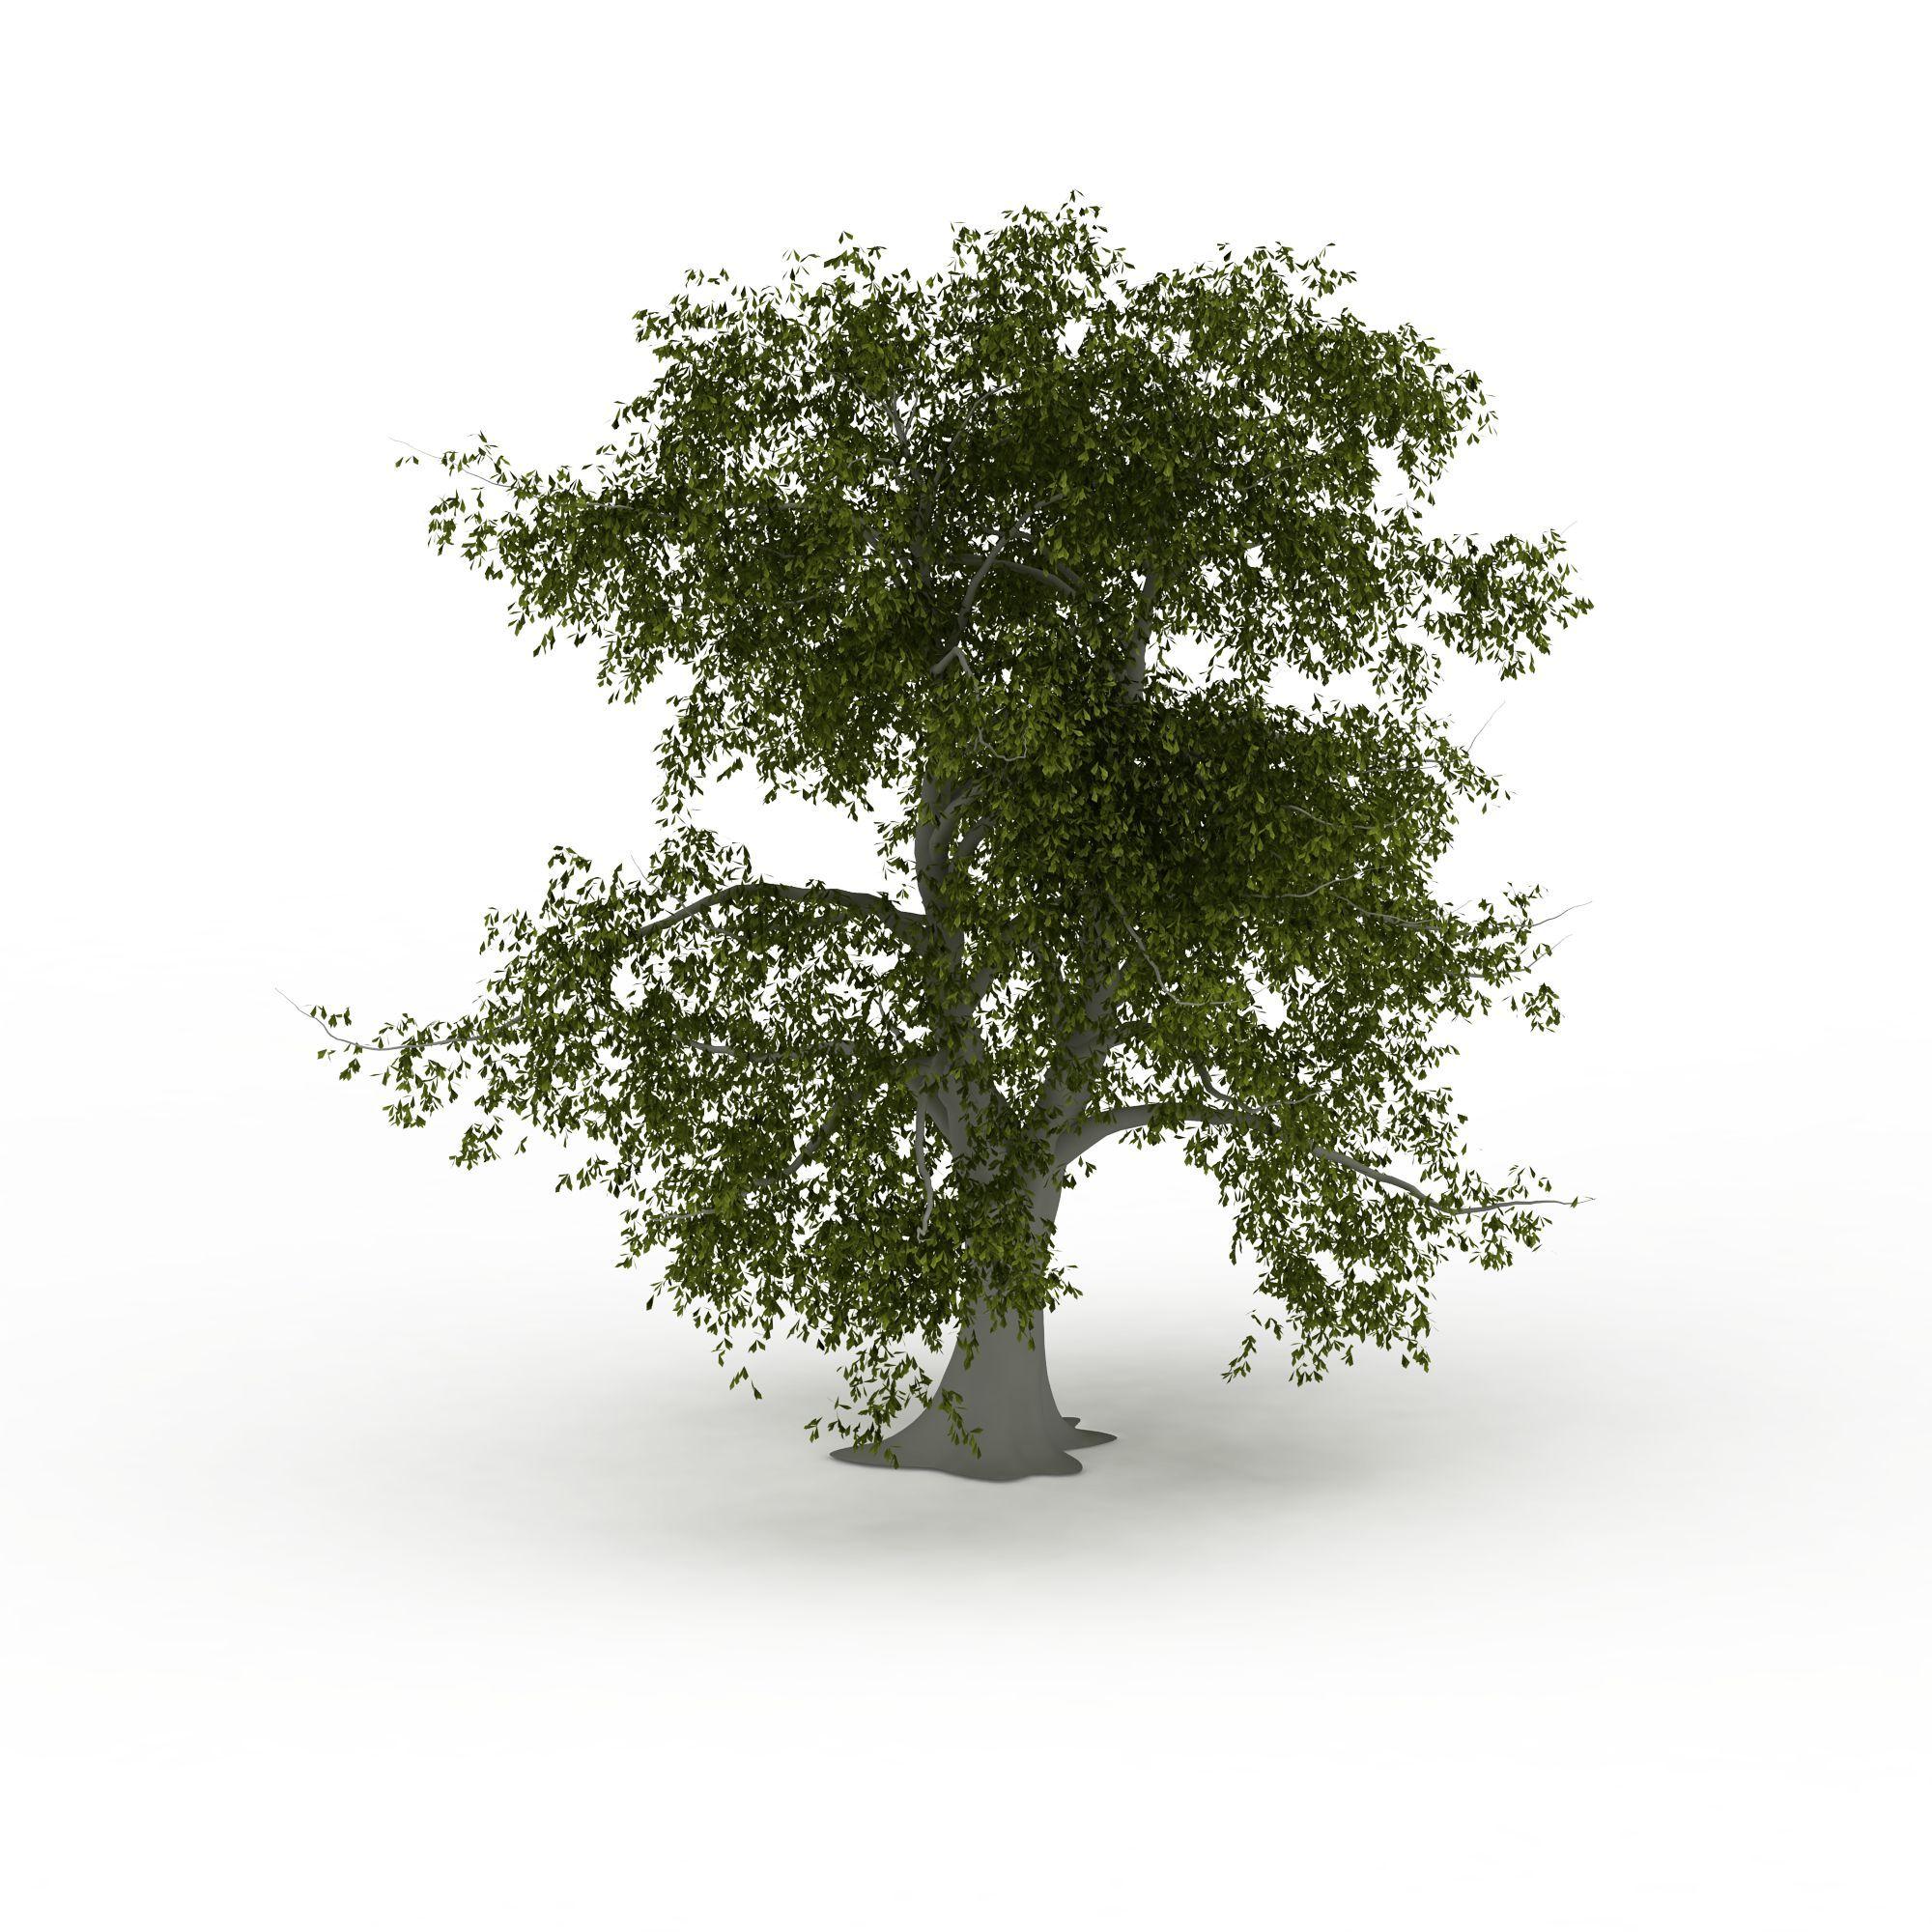 植物 树 大树3d模型 大树png高清图  大树高清图详情 设计师 3d学院